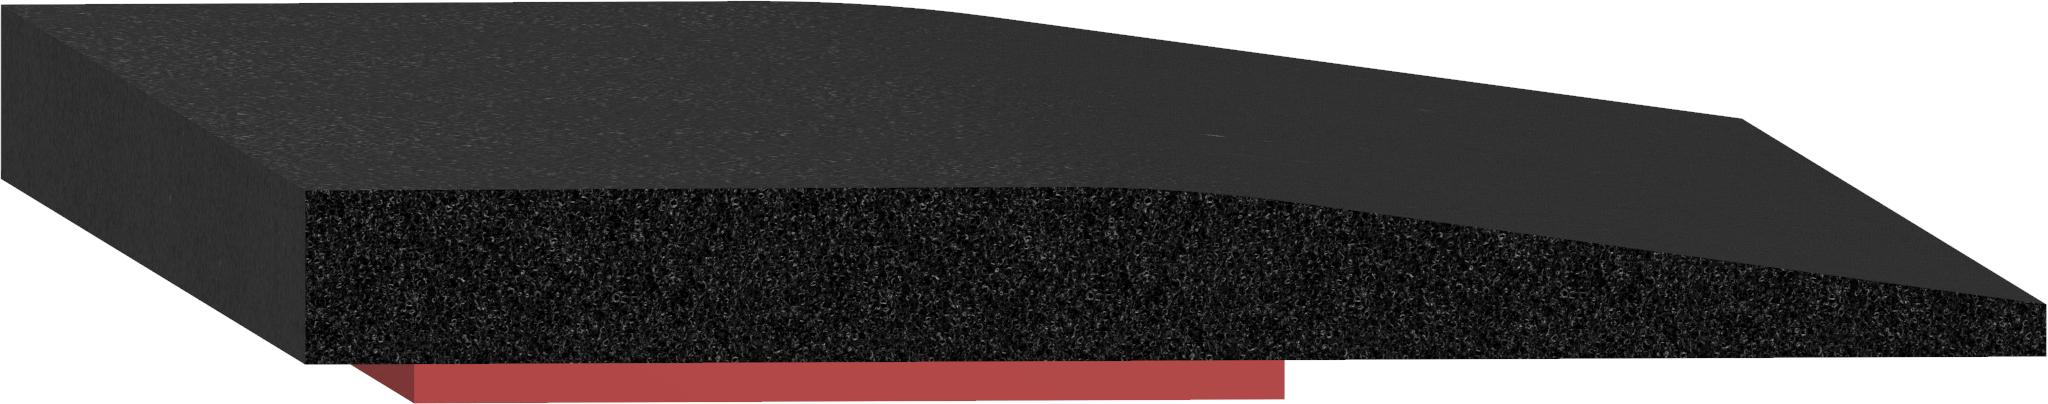 Uni-Grip part: TH-200-T